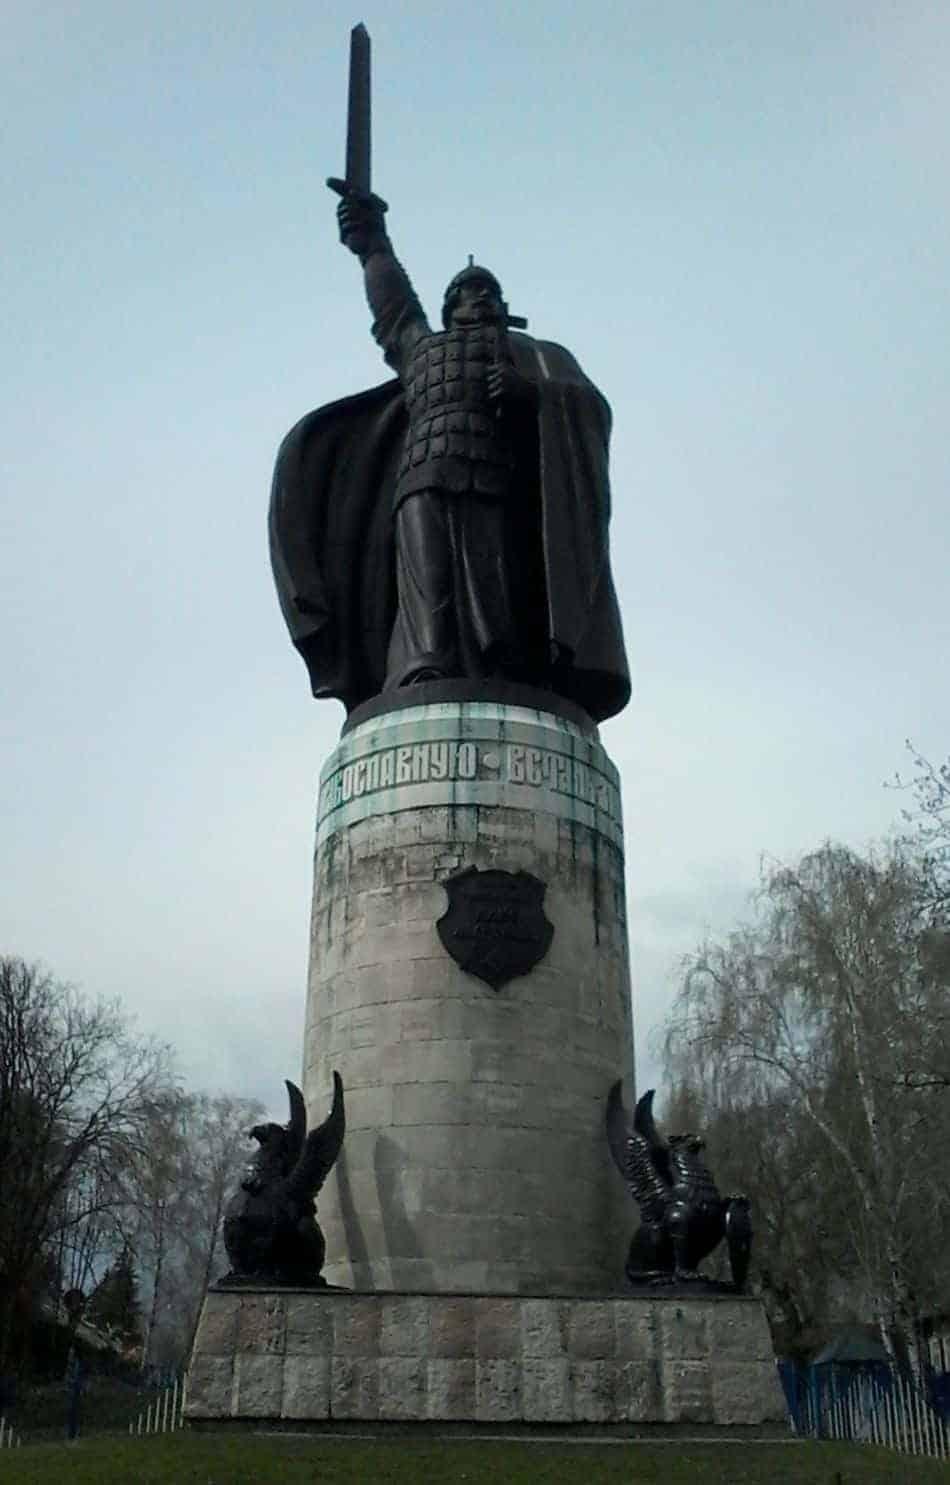 e ver en el Jardín Oka del Kremlin de Moscú; Visitar el Jardín Oka del Kremlin de Moscú; Recorrer el Jardín Oka del Kremlin de Moscú.